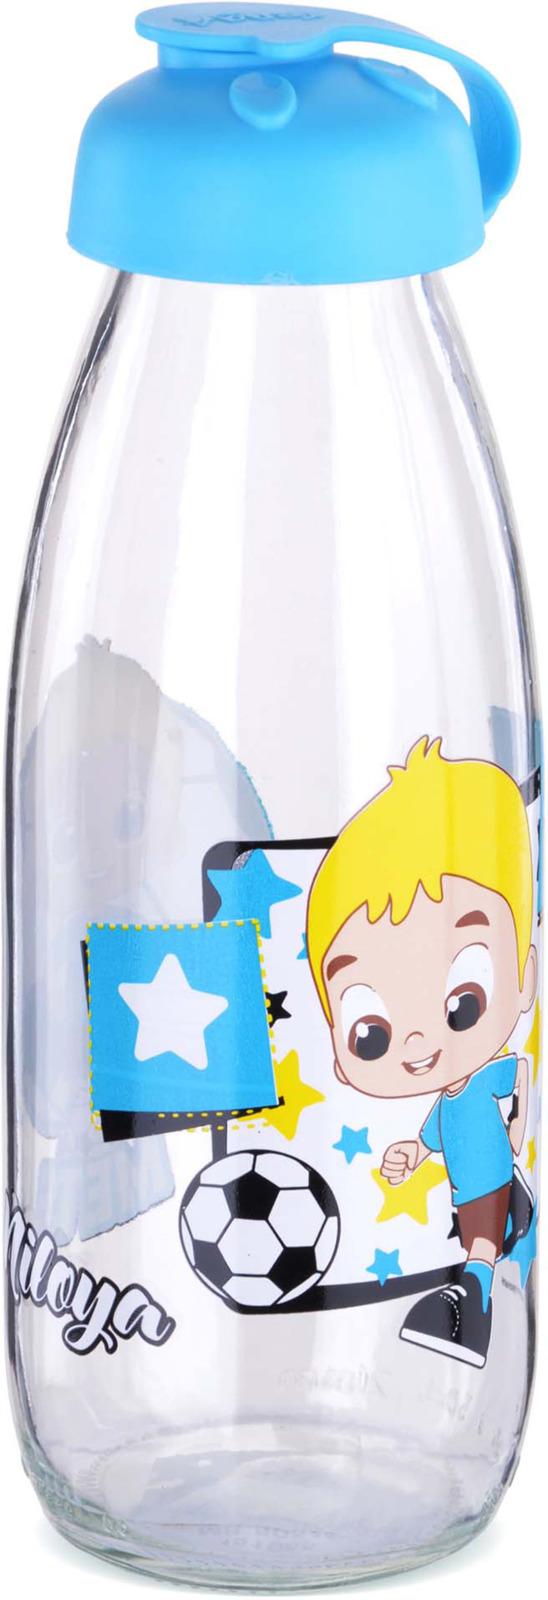 Бутылка для напитков Mayer & Boch, цвет: голубой, 0,5 л. у3986 стоимость